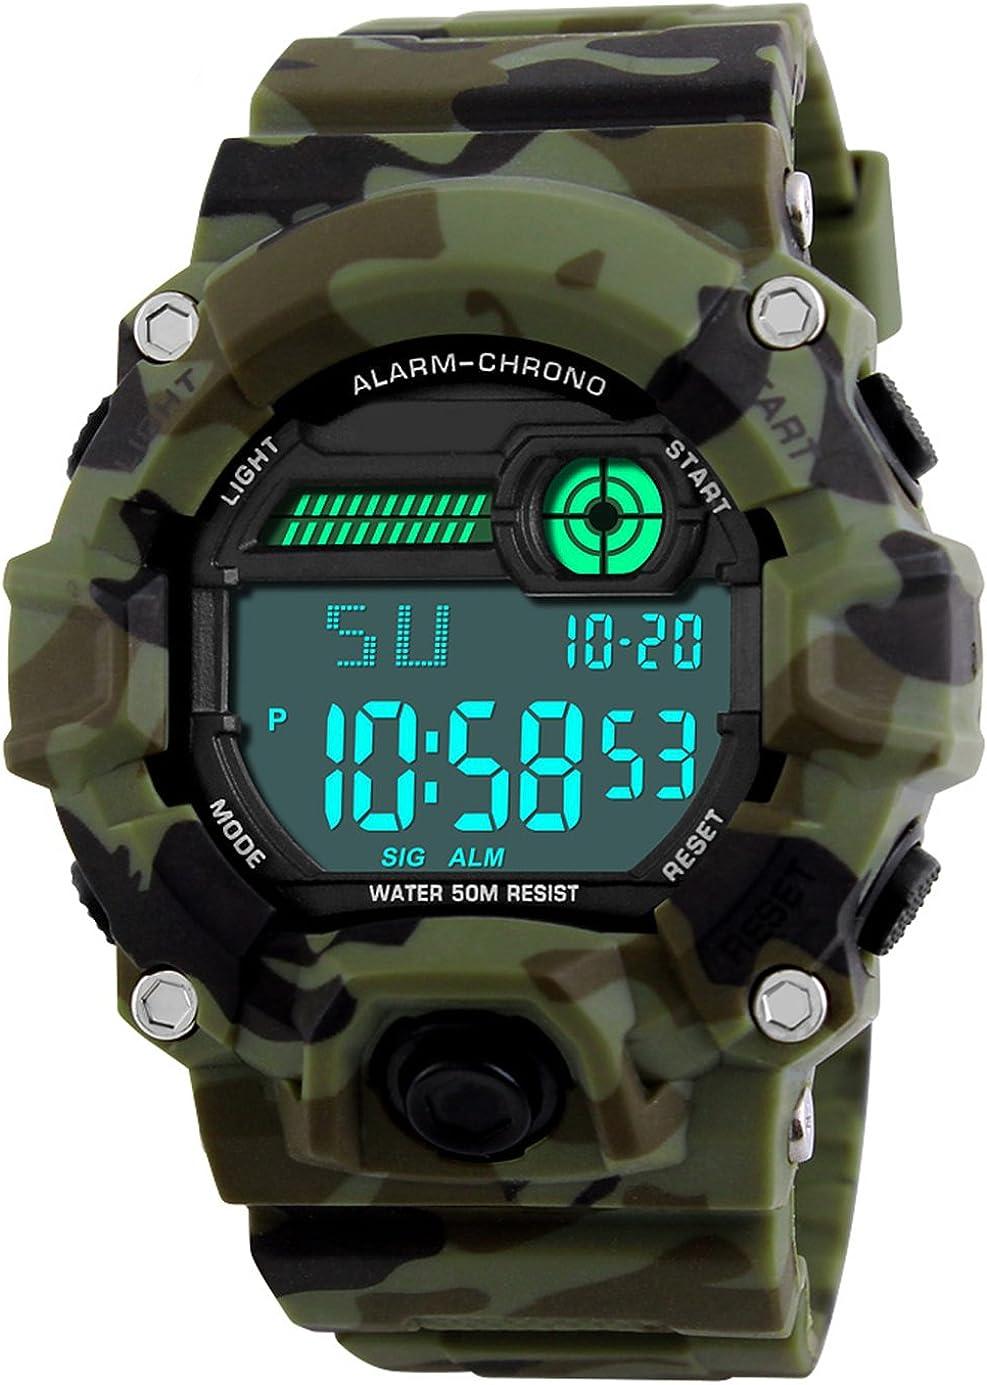 Niños de los Relojes Digitales, niños Deporte Militar Relojes con Alarma/Temporizador,Niños 5 Bares Resistente al Agua Camuflaje electrónica Relojes de Pulsera para niños Hombre